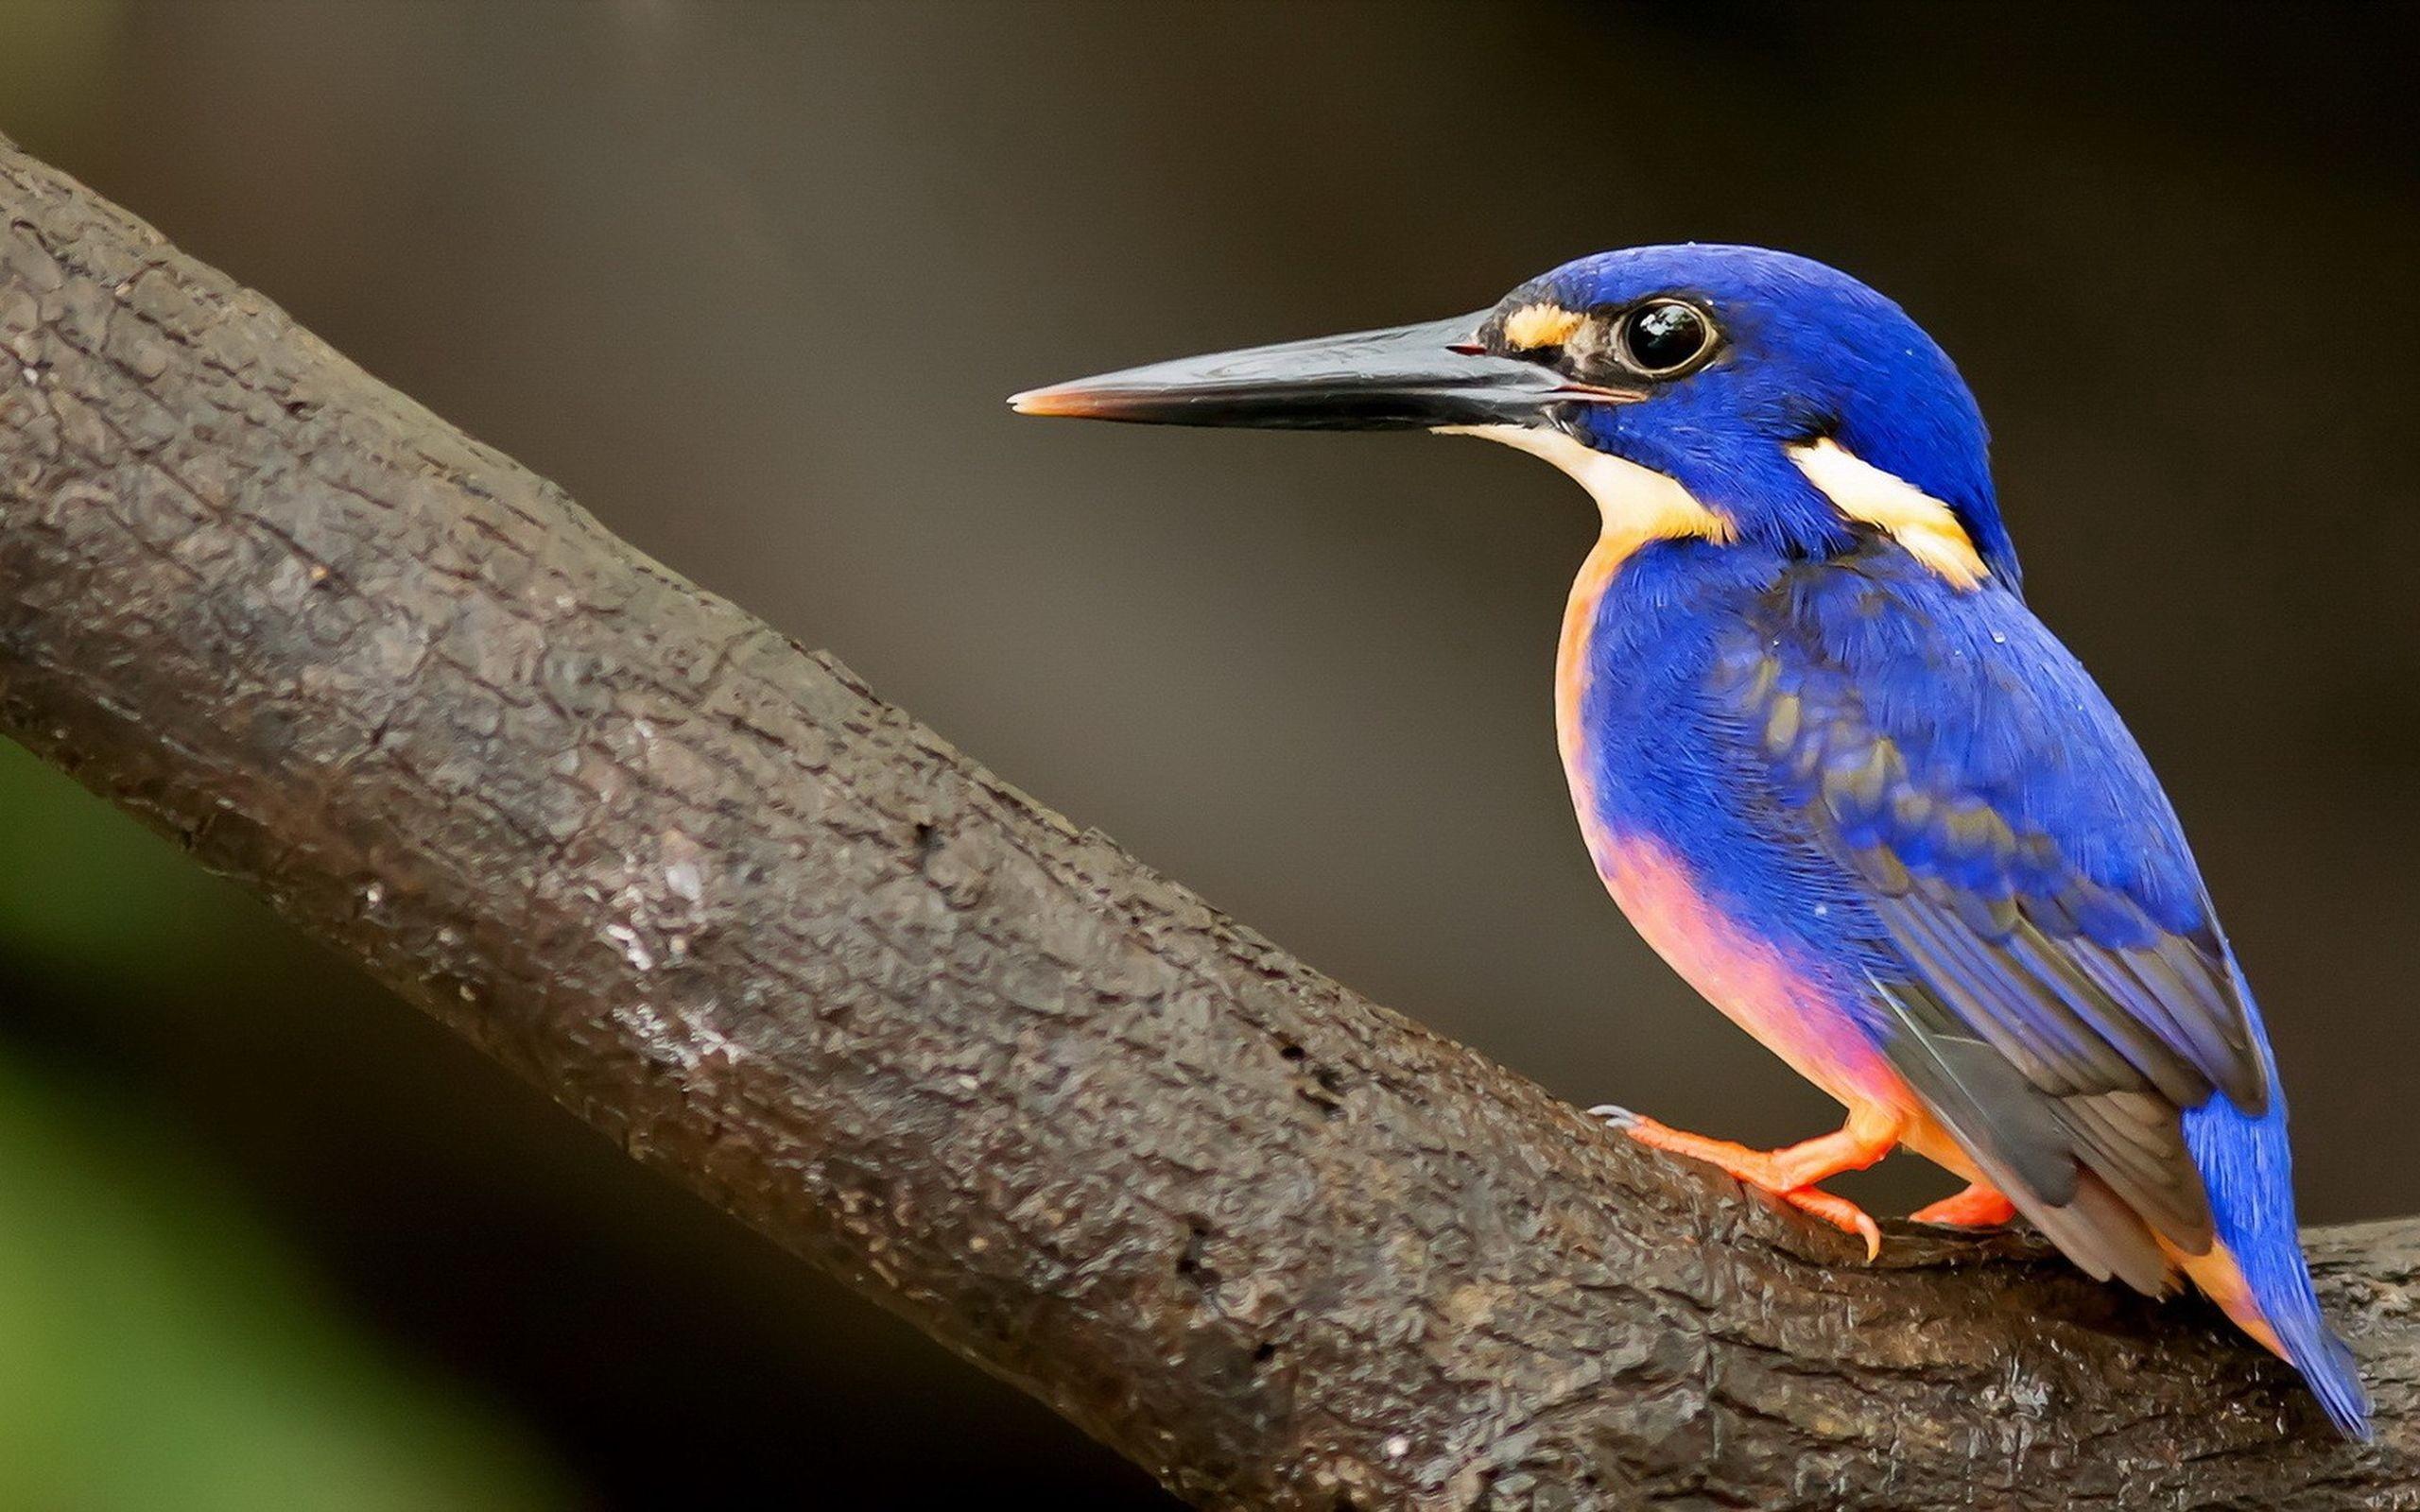 находятся смотреть картинки птиц милыми зверушками праздникам